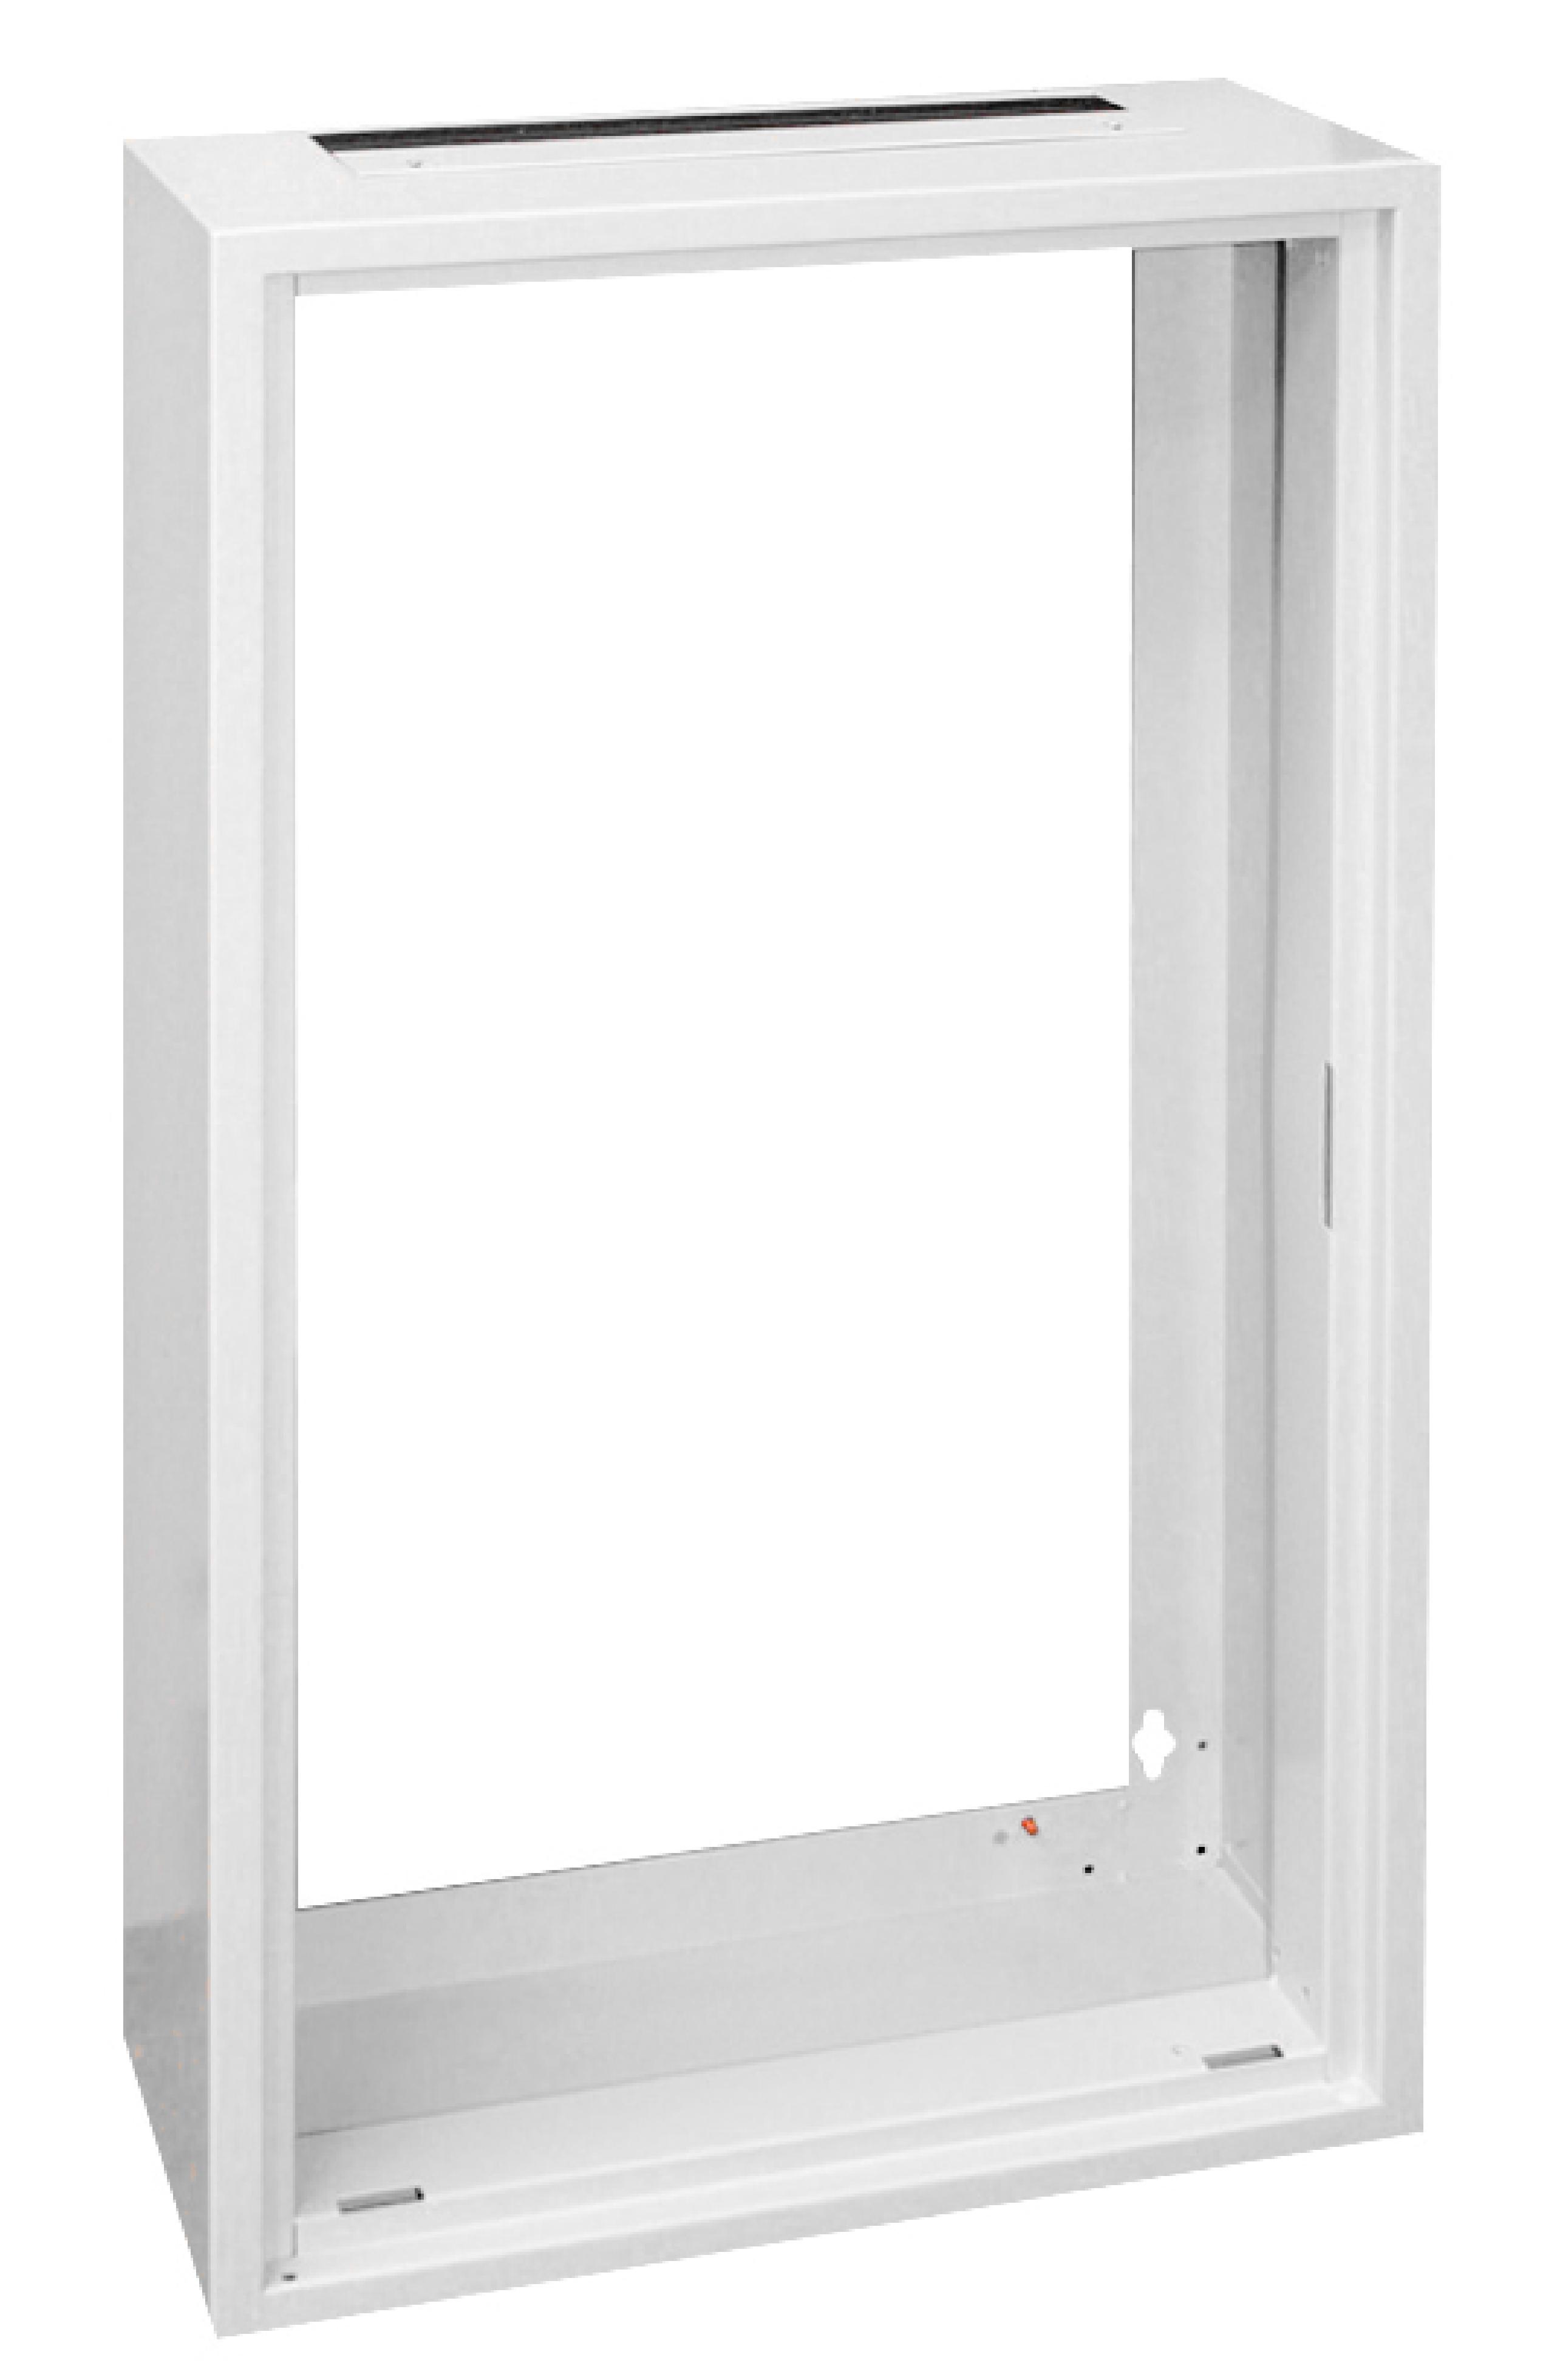 1 Stk AP-Rahmen ohne Türe und Rückwand 4A-12, H640B1030T180mm IL001412-F